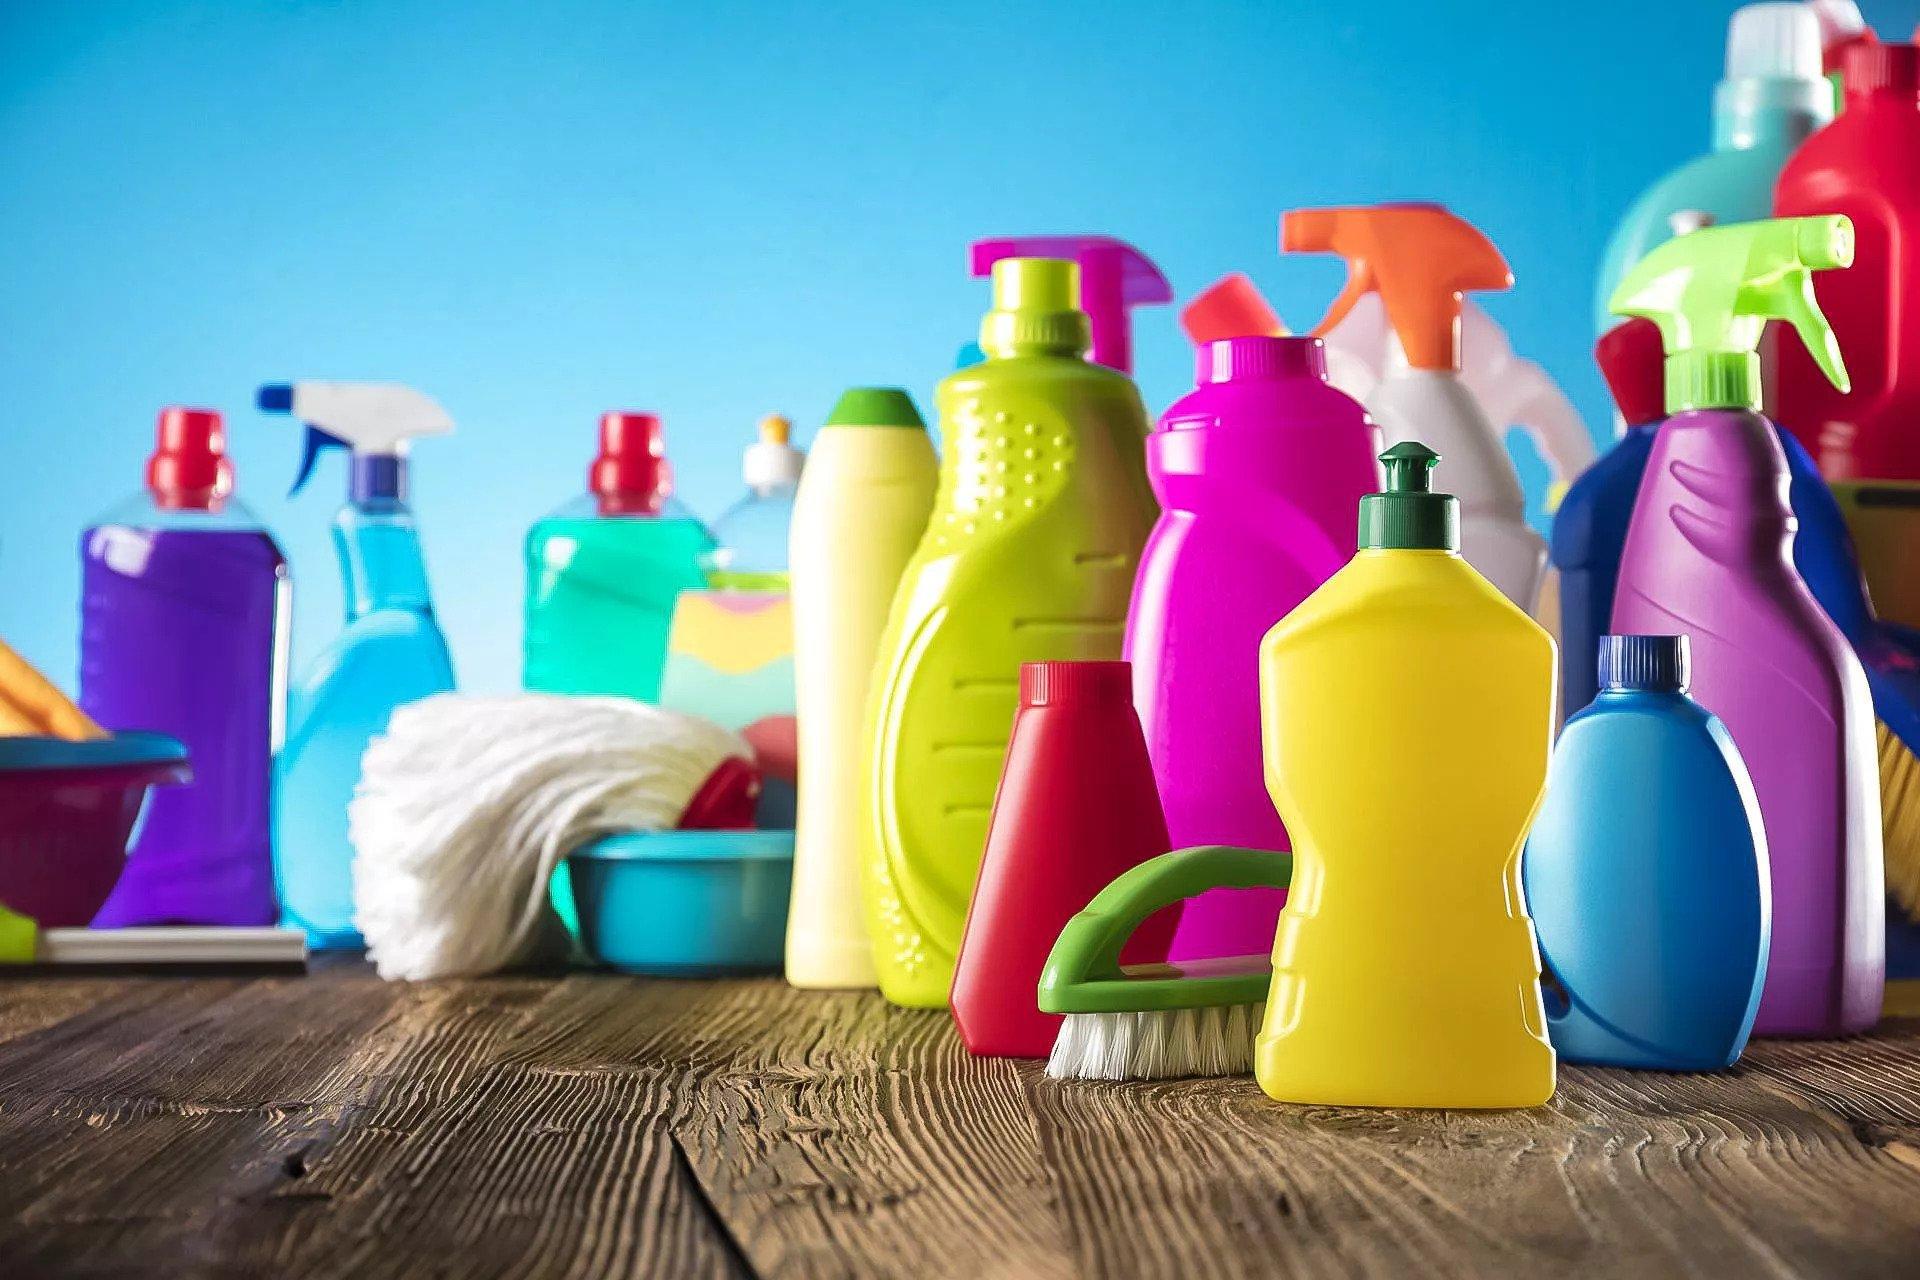 Бытовая химия для уборки в доме: как выбрать?